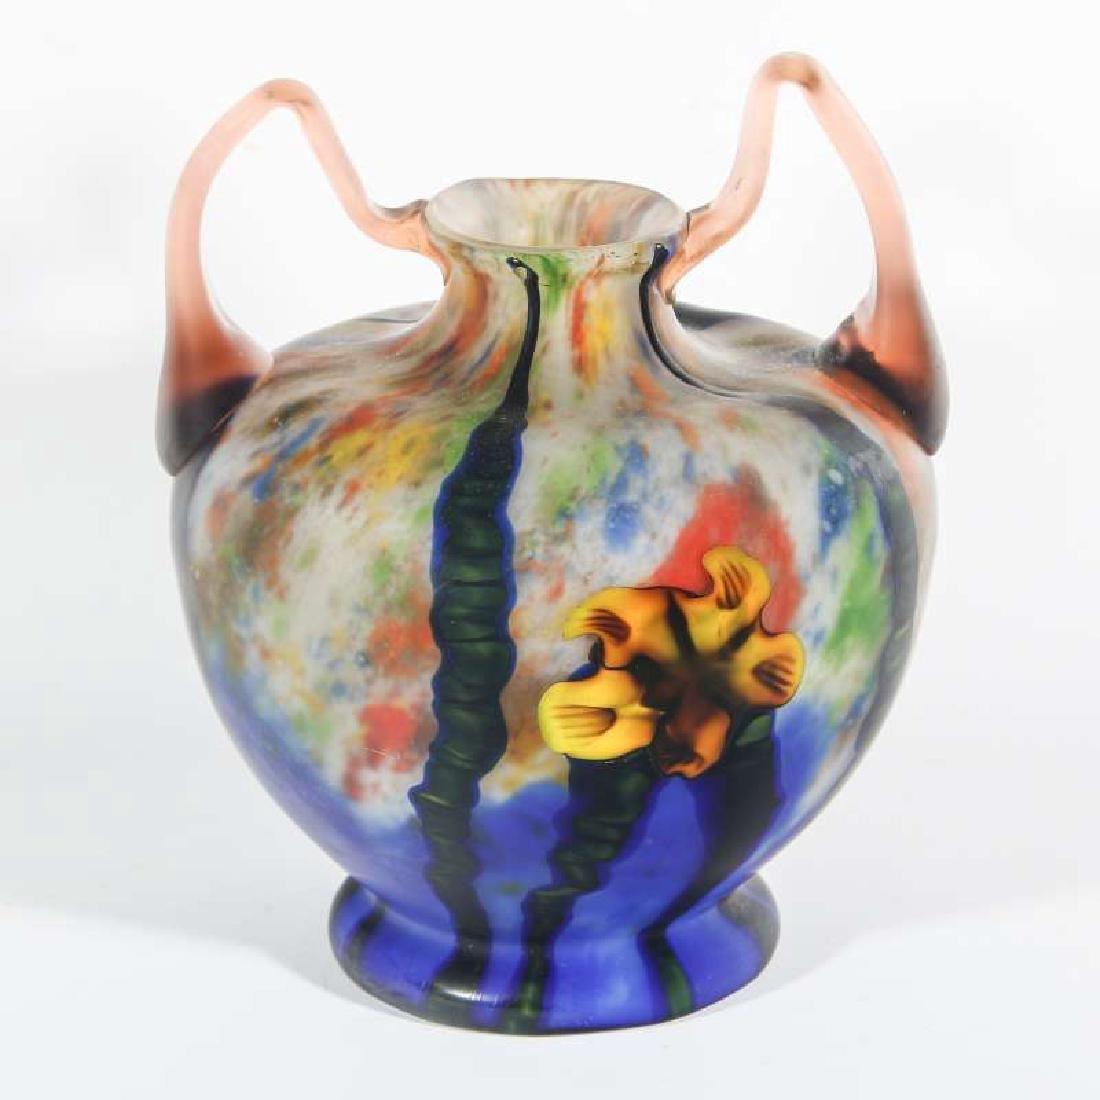 KARLA MARQUETRY ART GLASS SIGNED CZECHOSLOVAKIA - 3